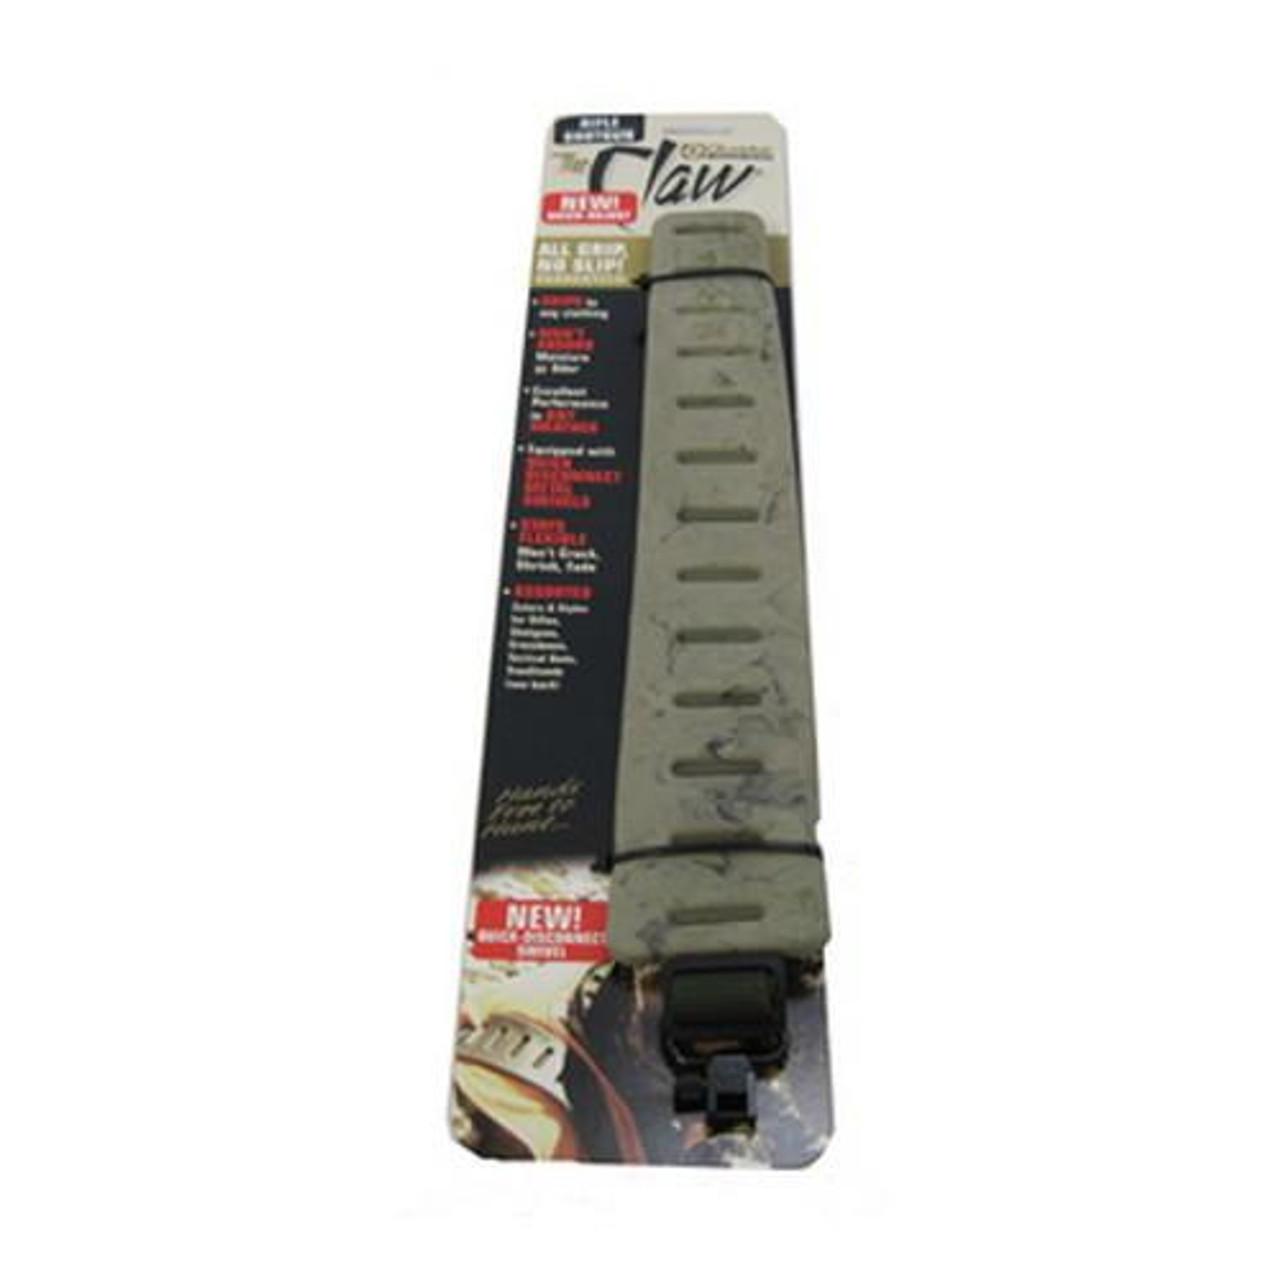 Camo Gun Sling 53001-5 Quake Claw Rifle Shotgun Sling